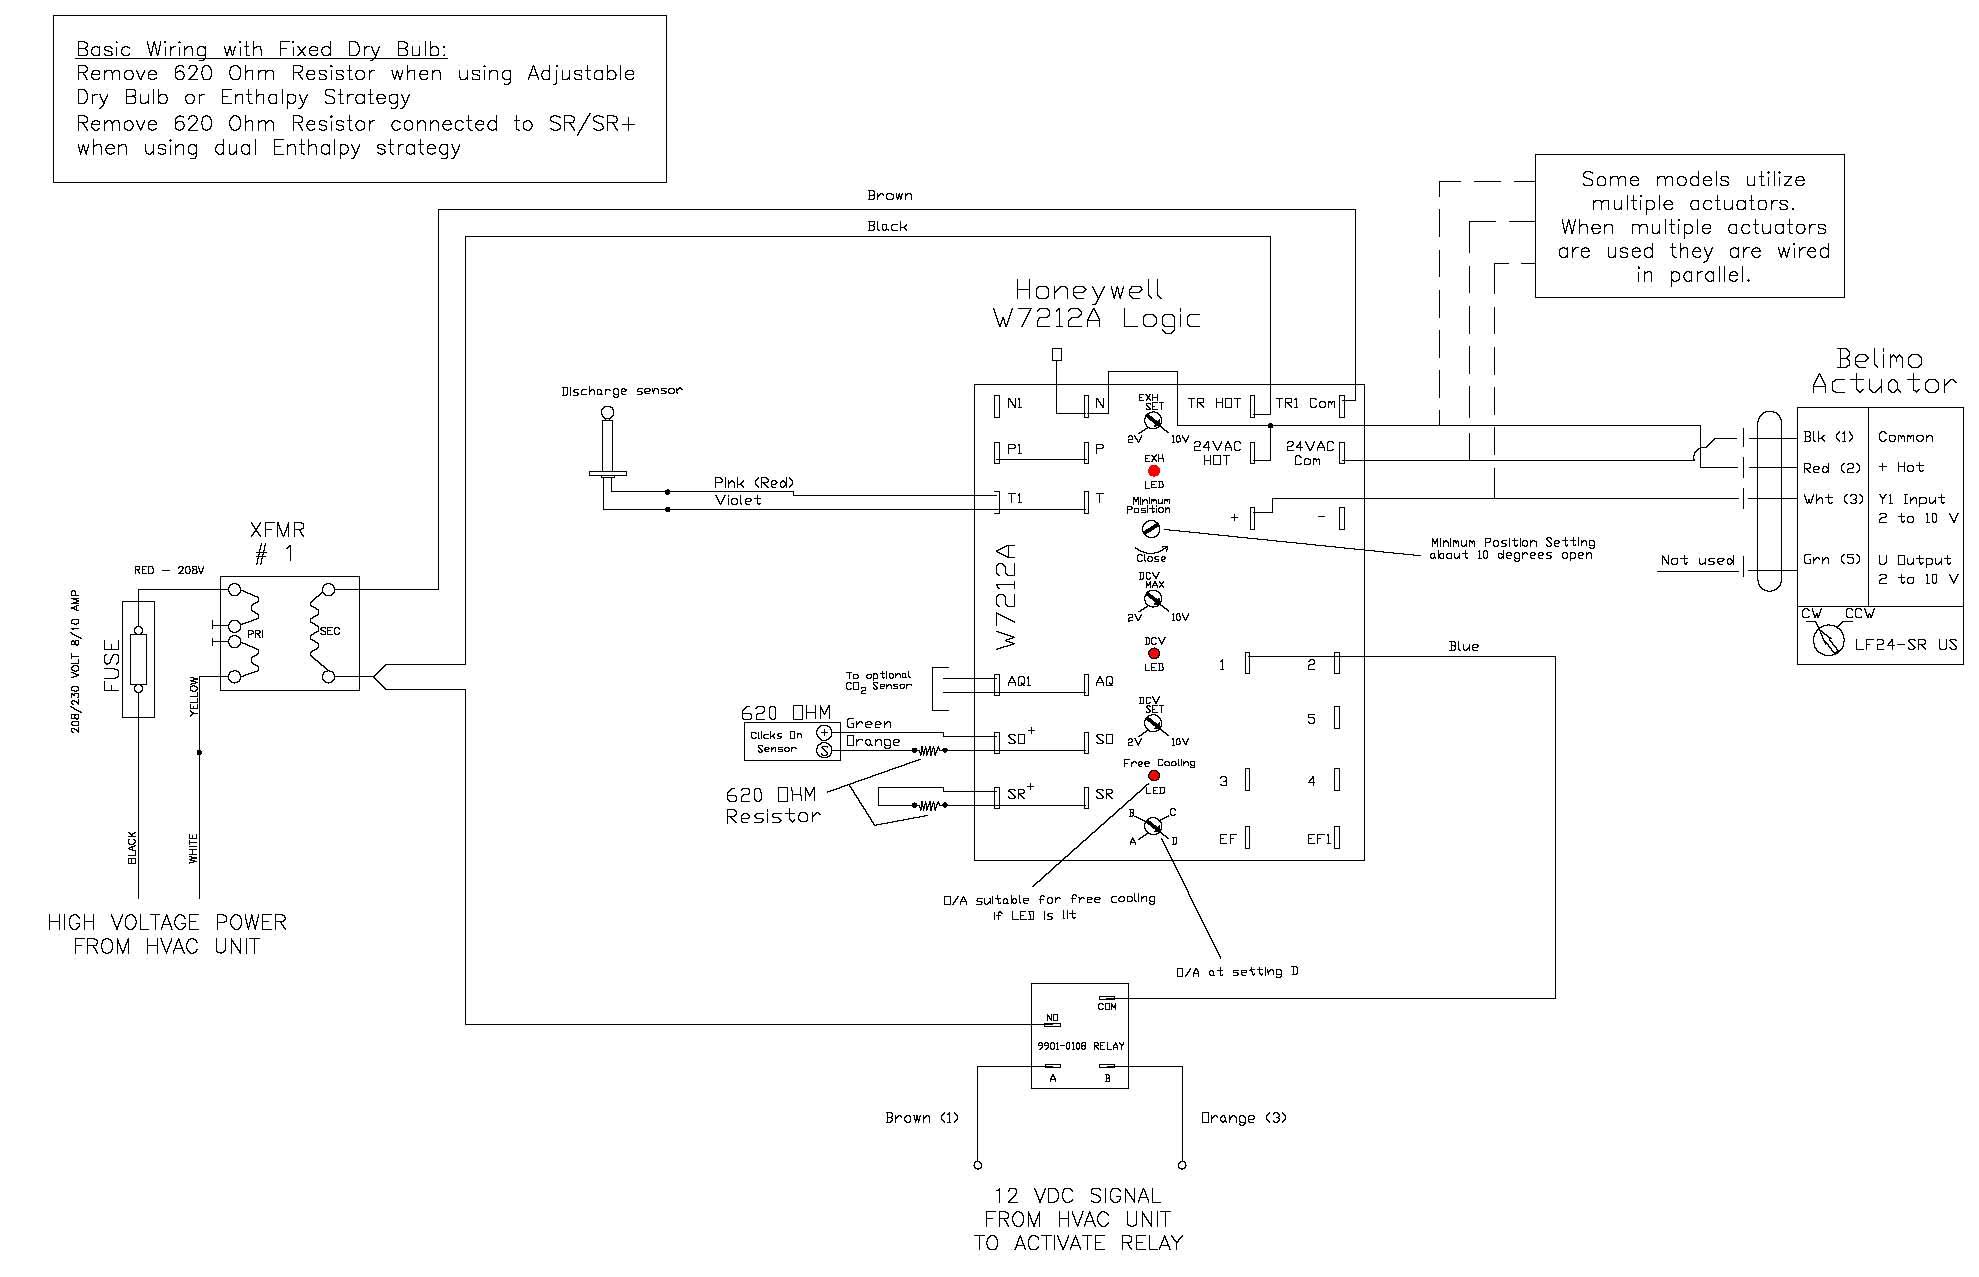 York Ac Schematics Y14 | Wiring Diagram York Condensing Unit Wiring Diagram on